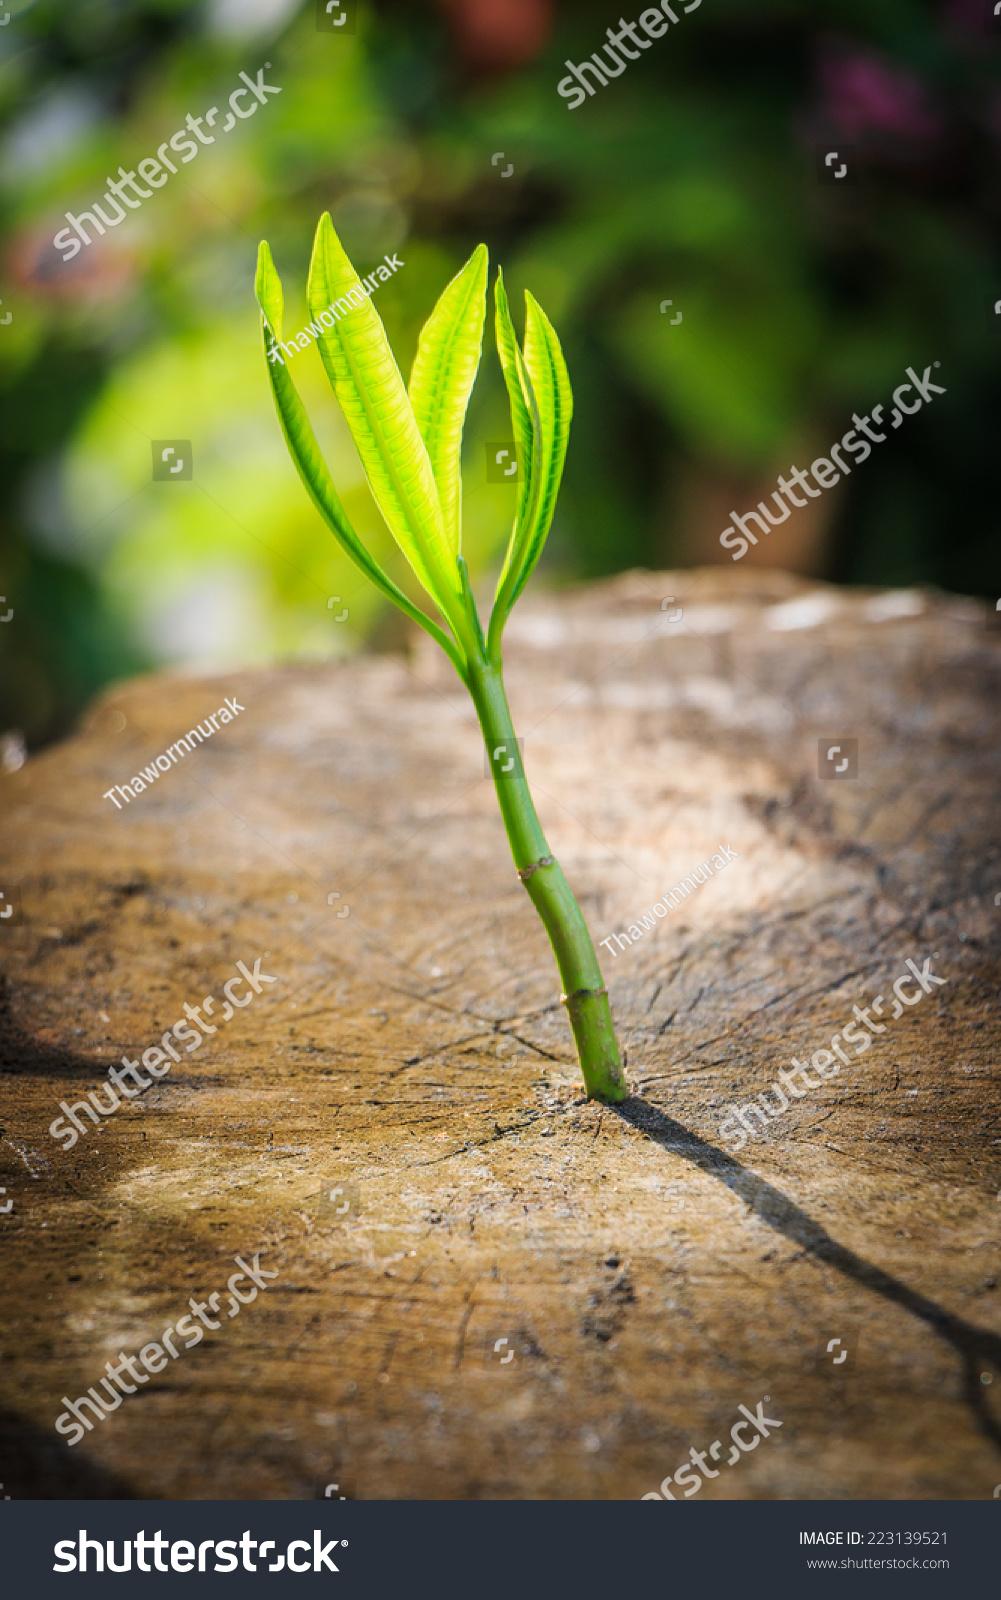 新的树木生长在死树可以成功的经营理念-商业/金融